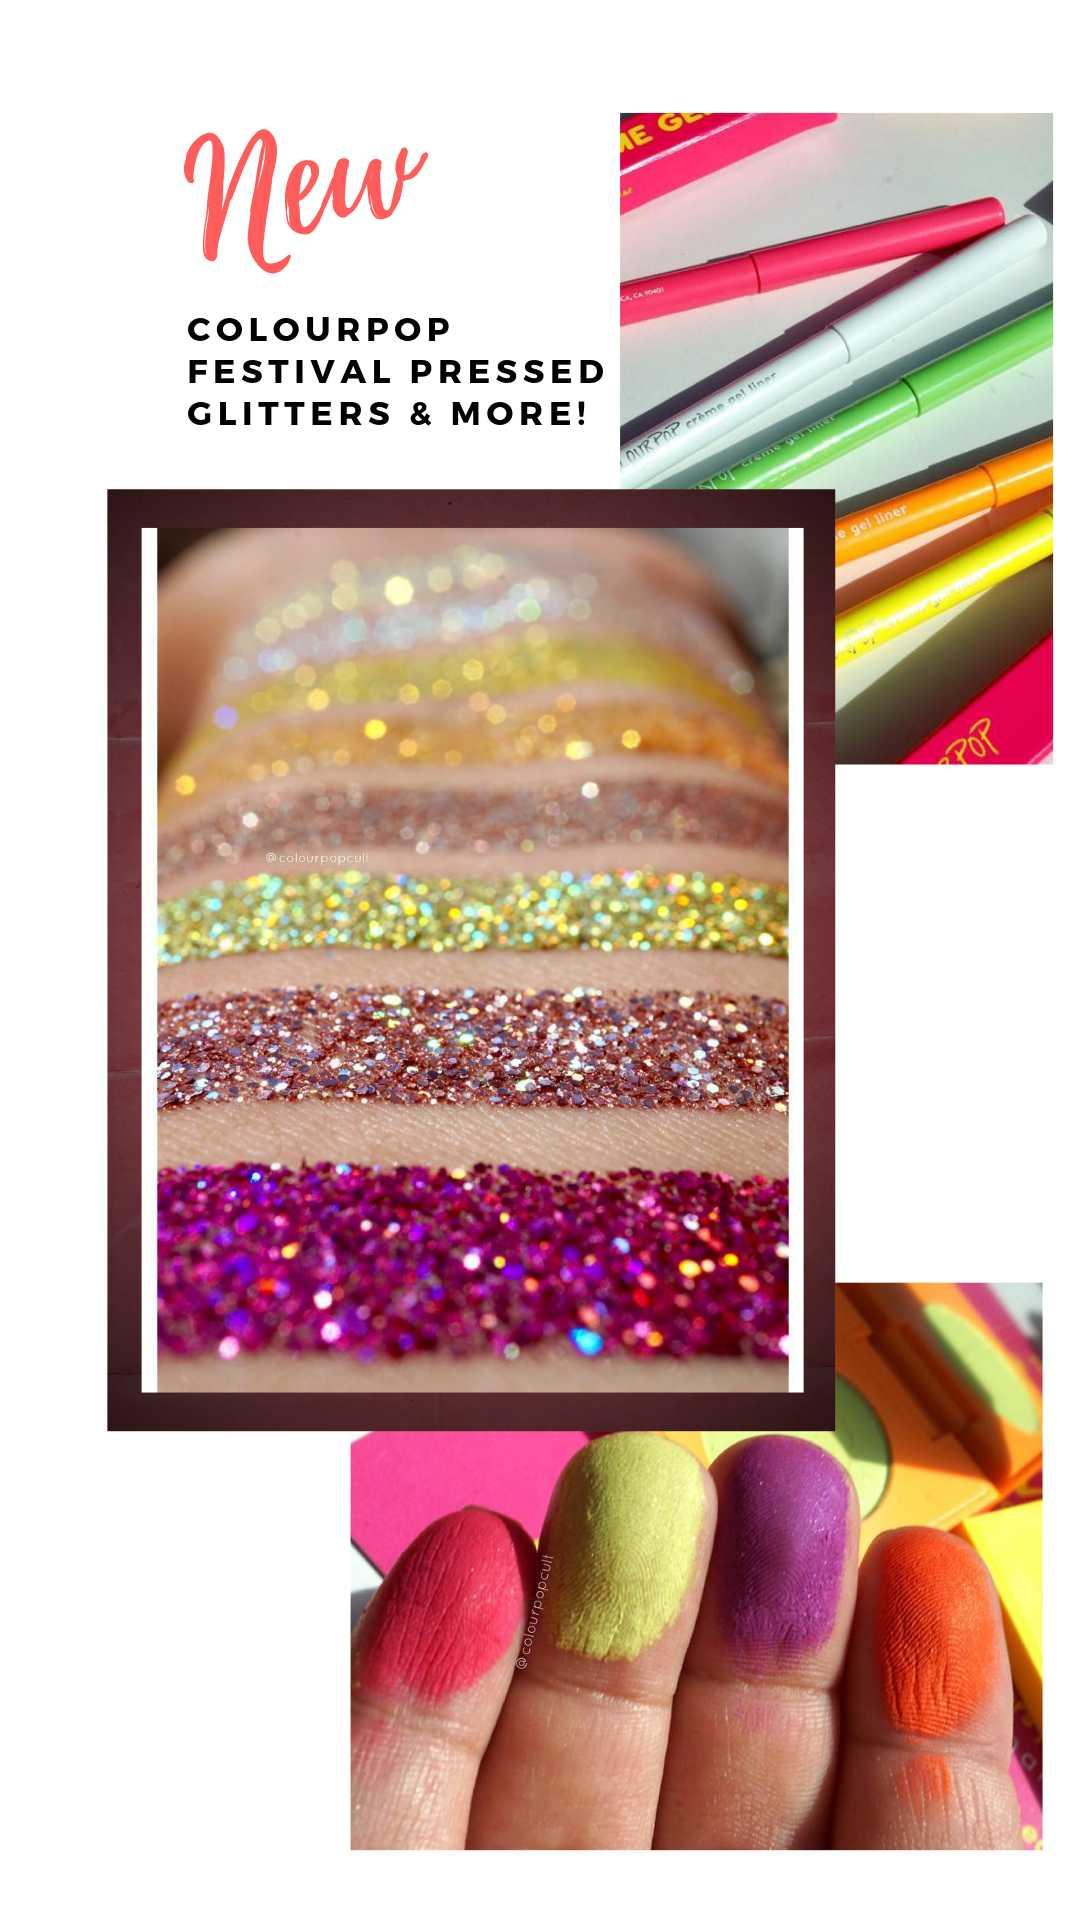 NEW ColourPop Festival Pressed Glitters & More!